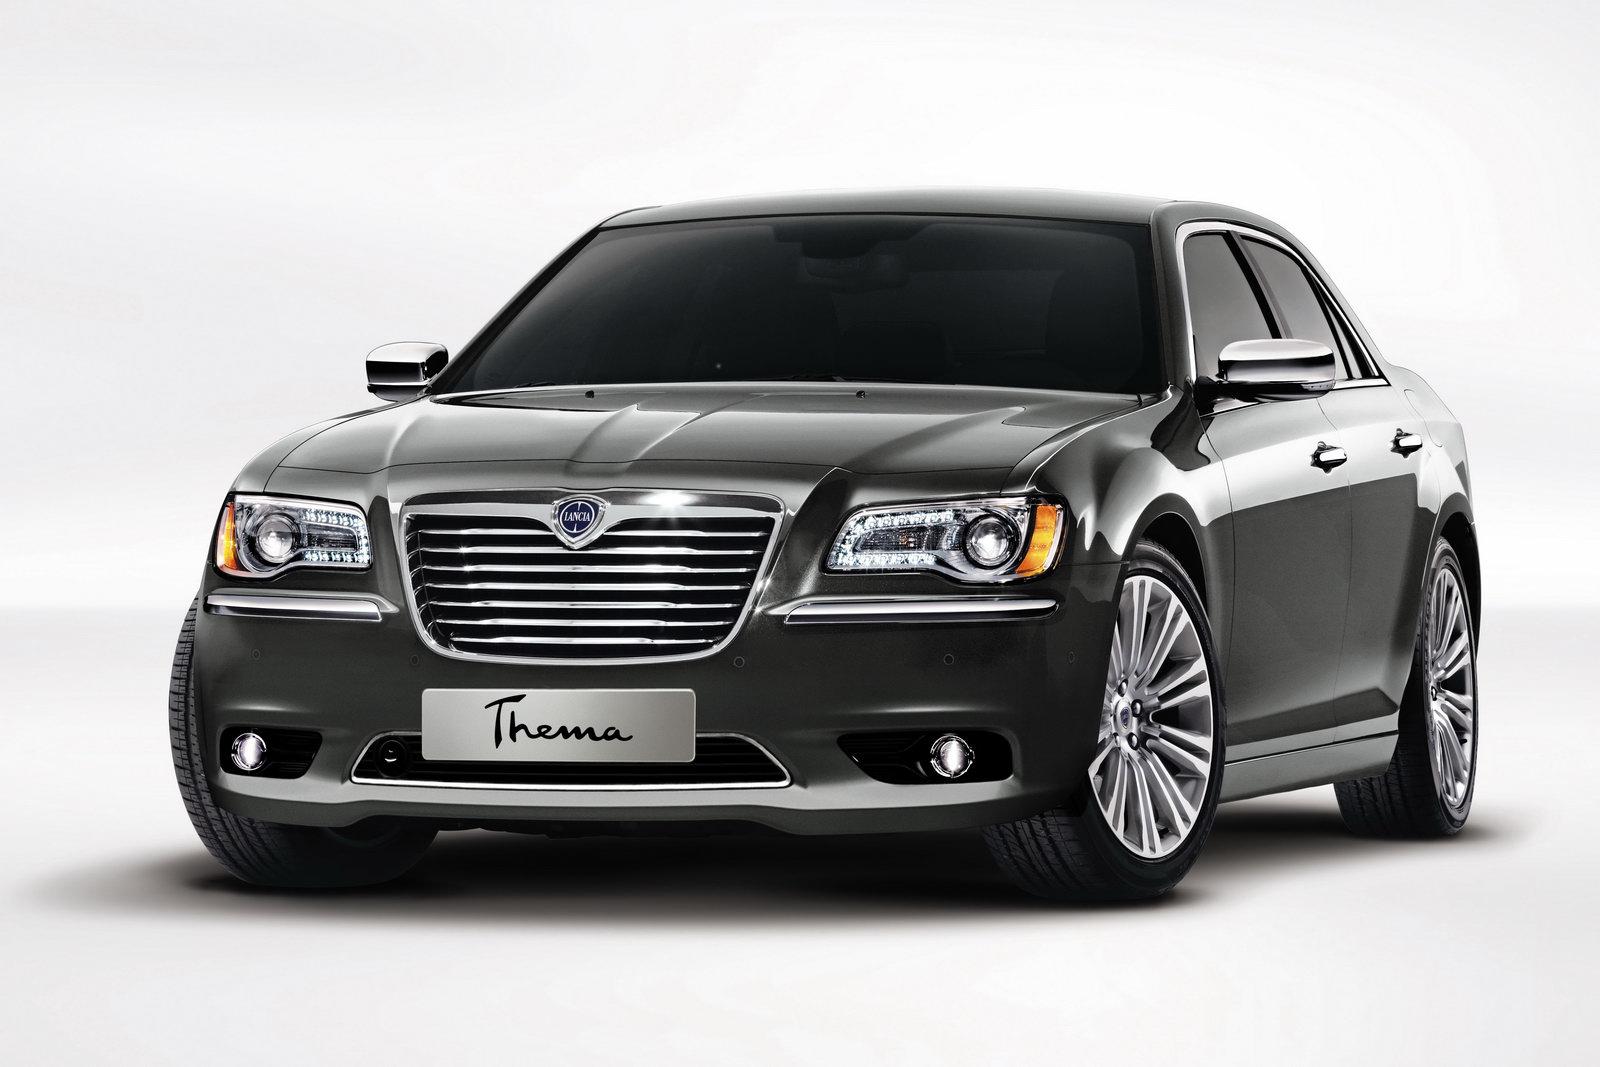 Lancia Thema (Chrysler 300)